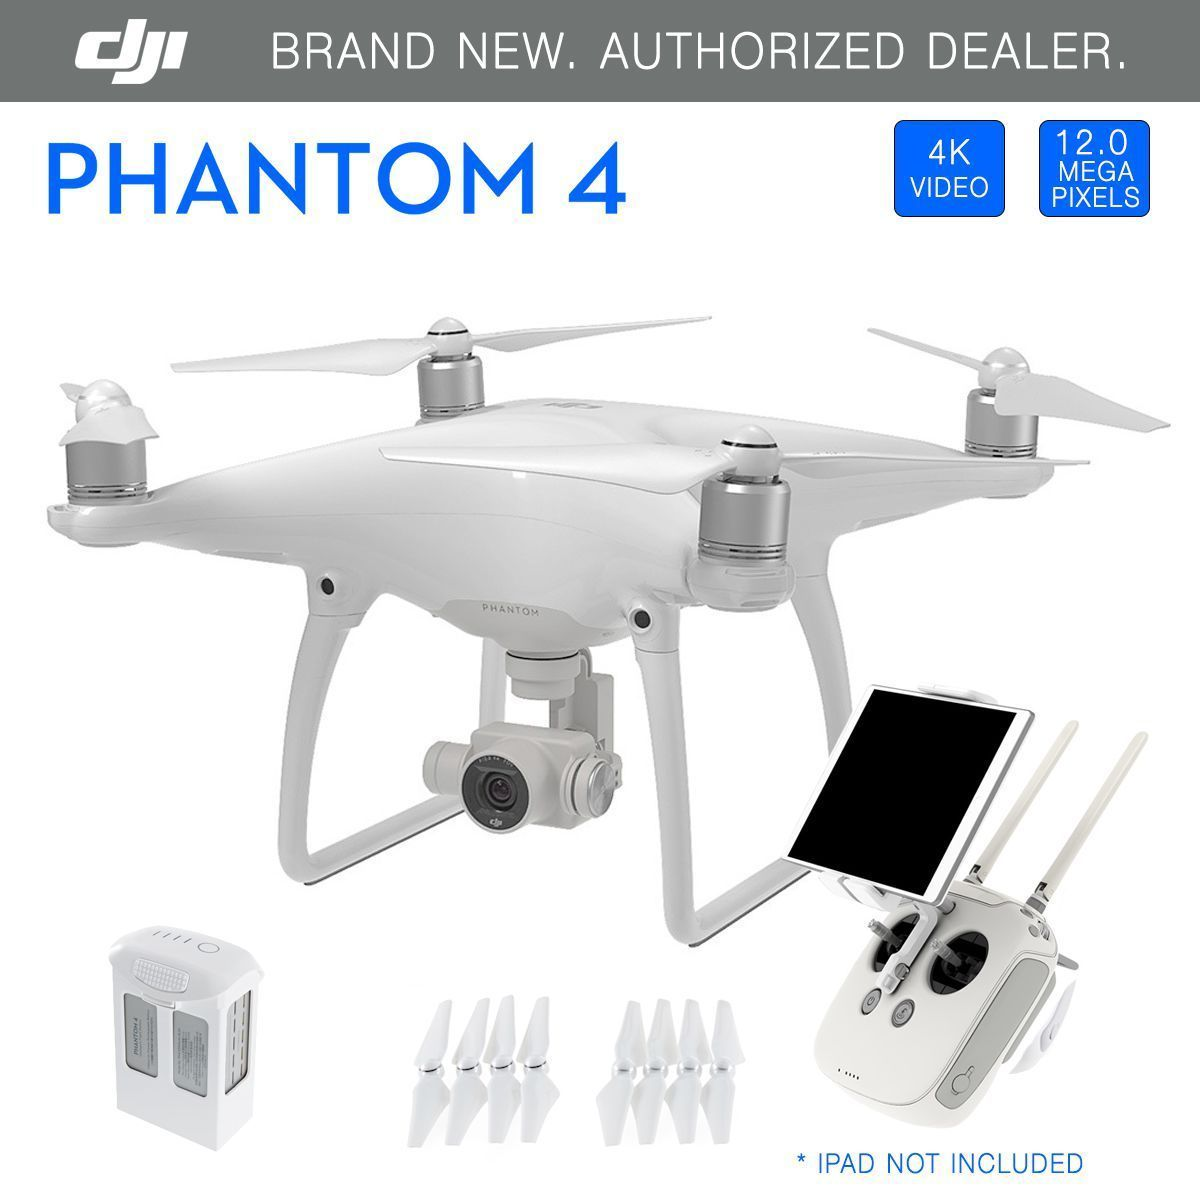 DJI Phantom 4 GPS QuadCopter Phantom4 Drone 4K 12 Megapixel HD Camera - New https://t.co/TZcV8m4fEG https://t.co/iJITuztslG